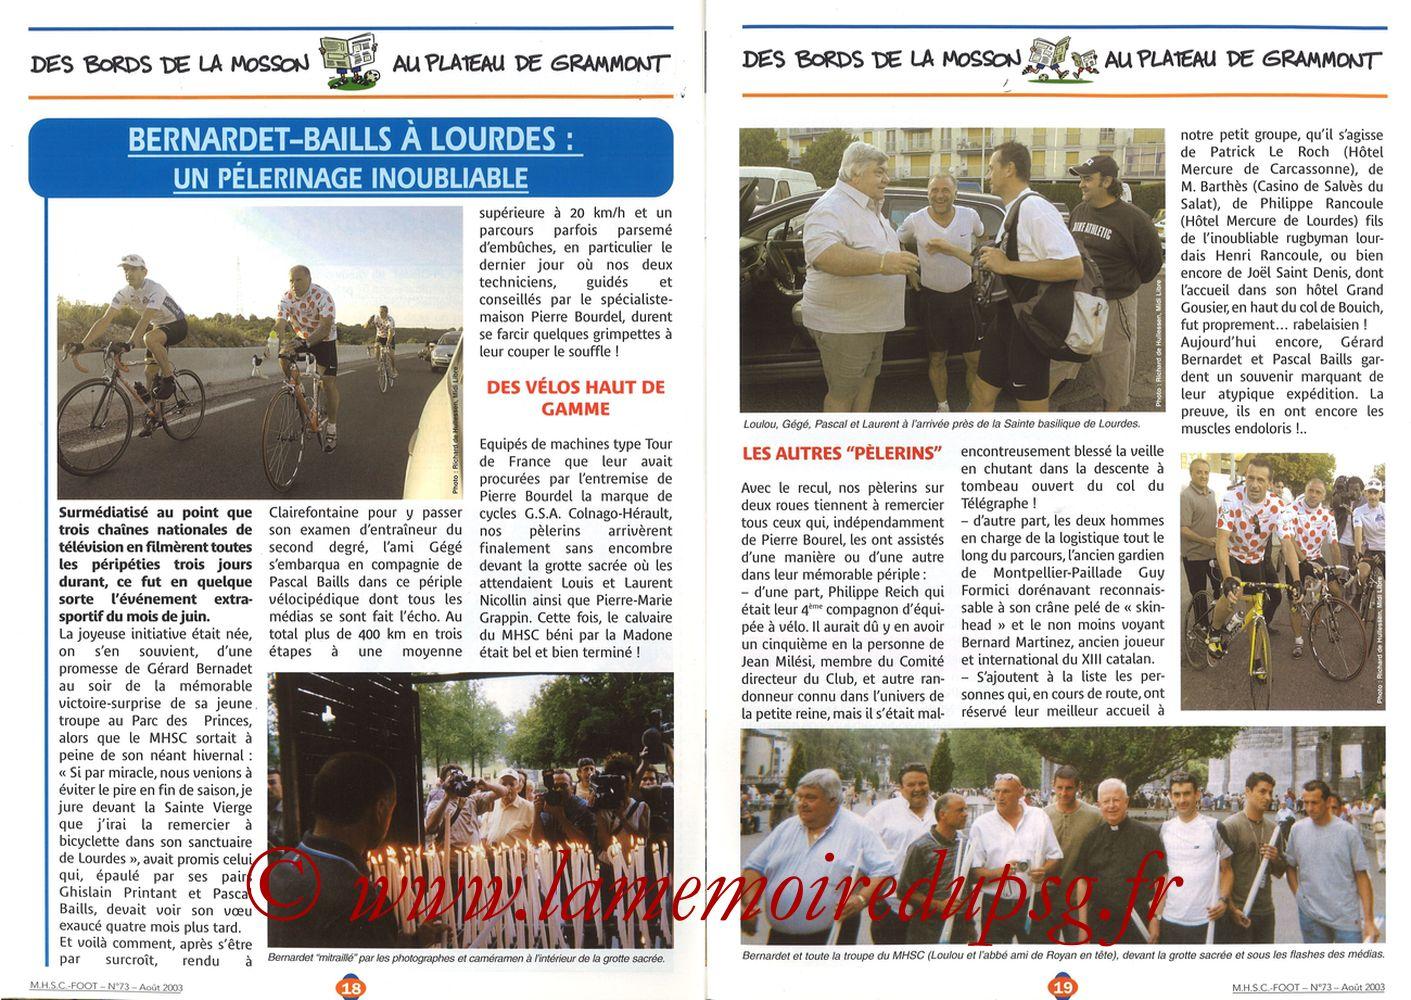 2003-08-30  Montpellier-PSG (5ème L1, MHSC Foot N°73) - Pages 18 et 19